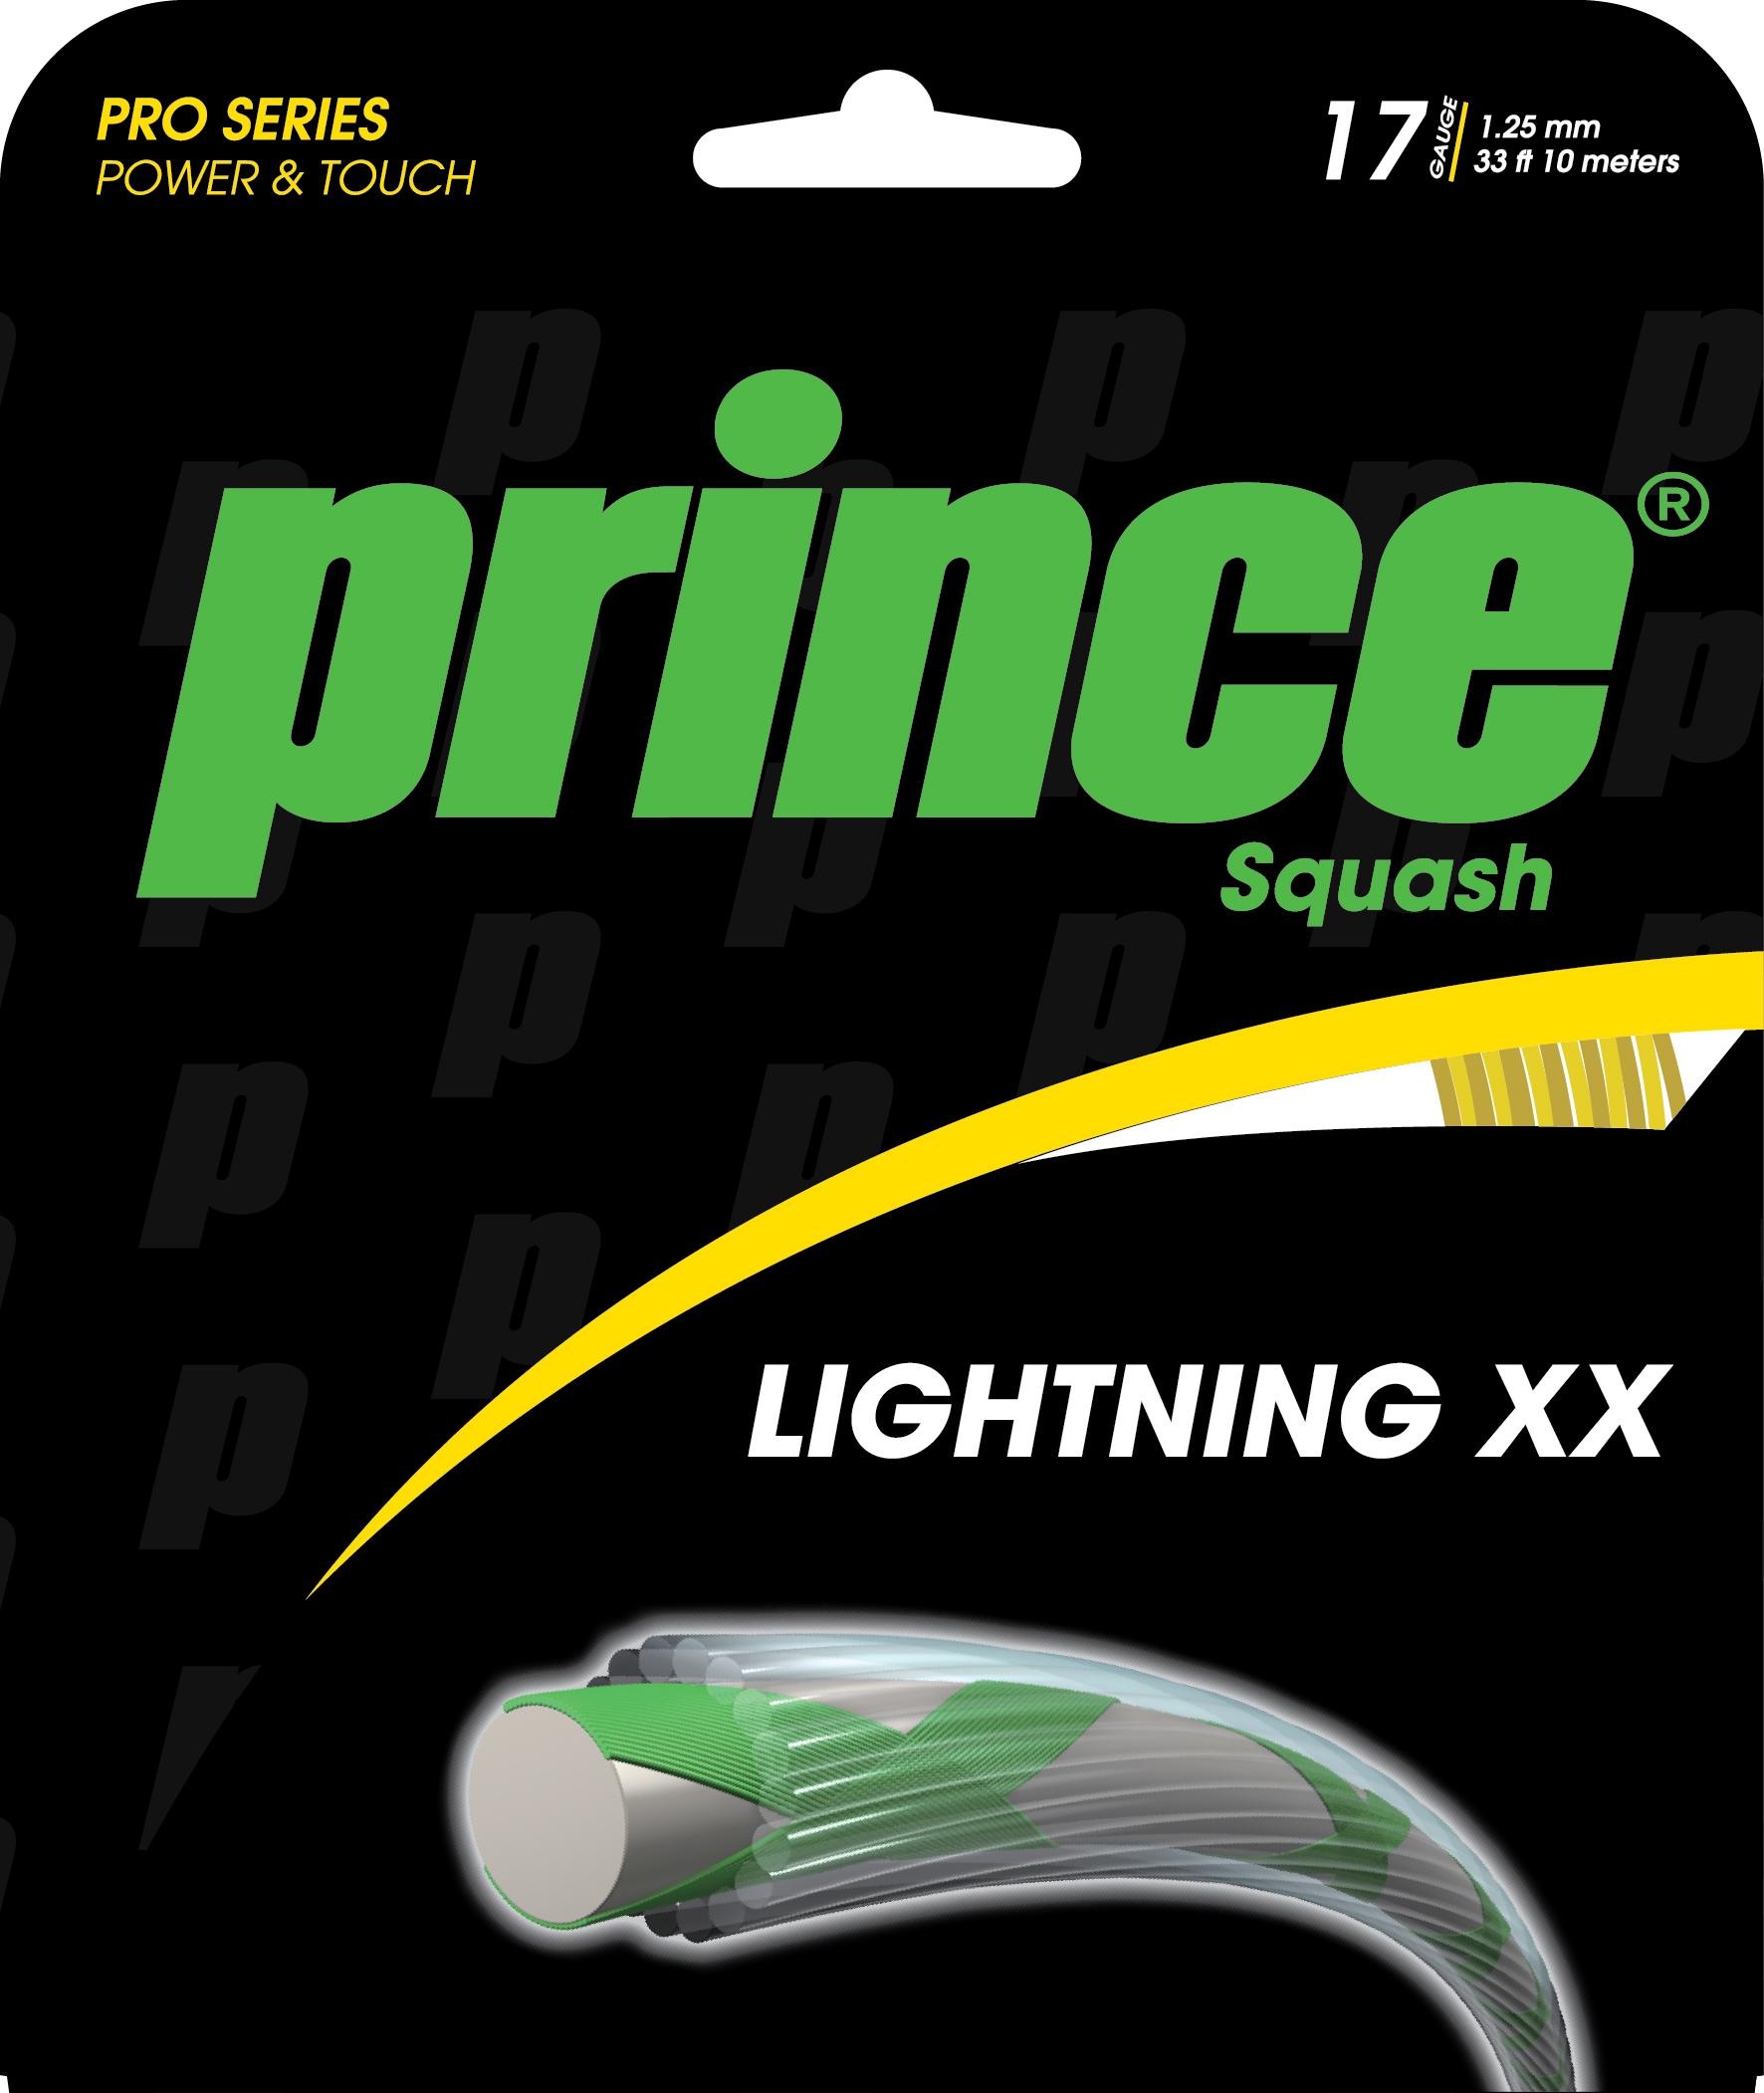 jauge de 1.25, cordage d'origine des Prince haut de gamme, ici la Rebel 950. Cordage avec moins de rendement que le syngut duraflex mais plus confortable et plus d'accroche à la balle.